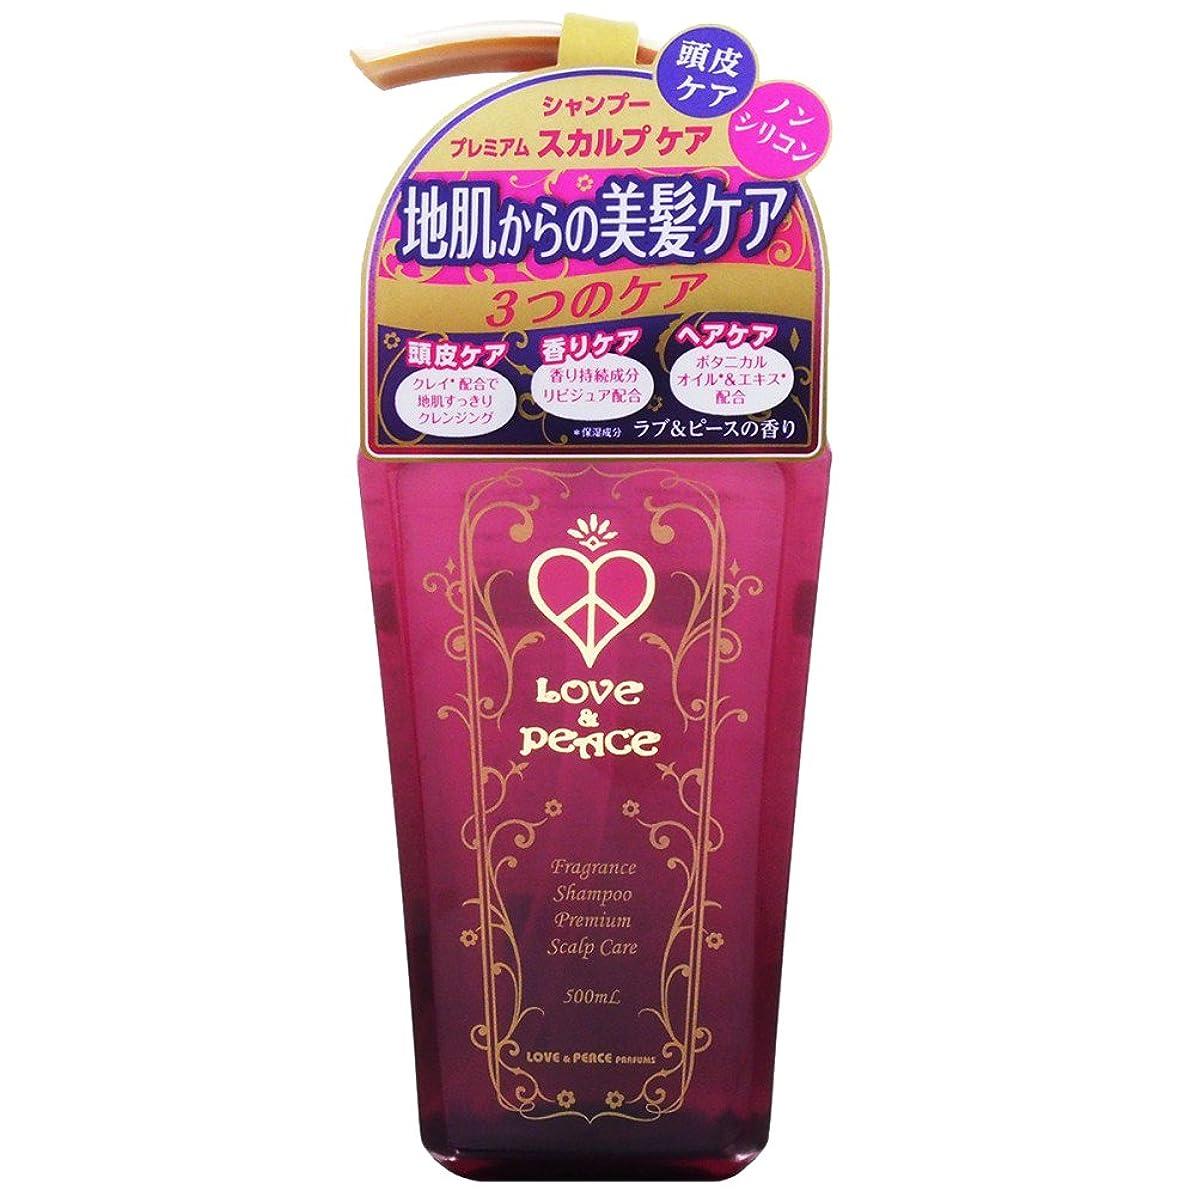 妖精サイト方言LP シャンプースカルプケア (500ml)